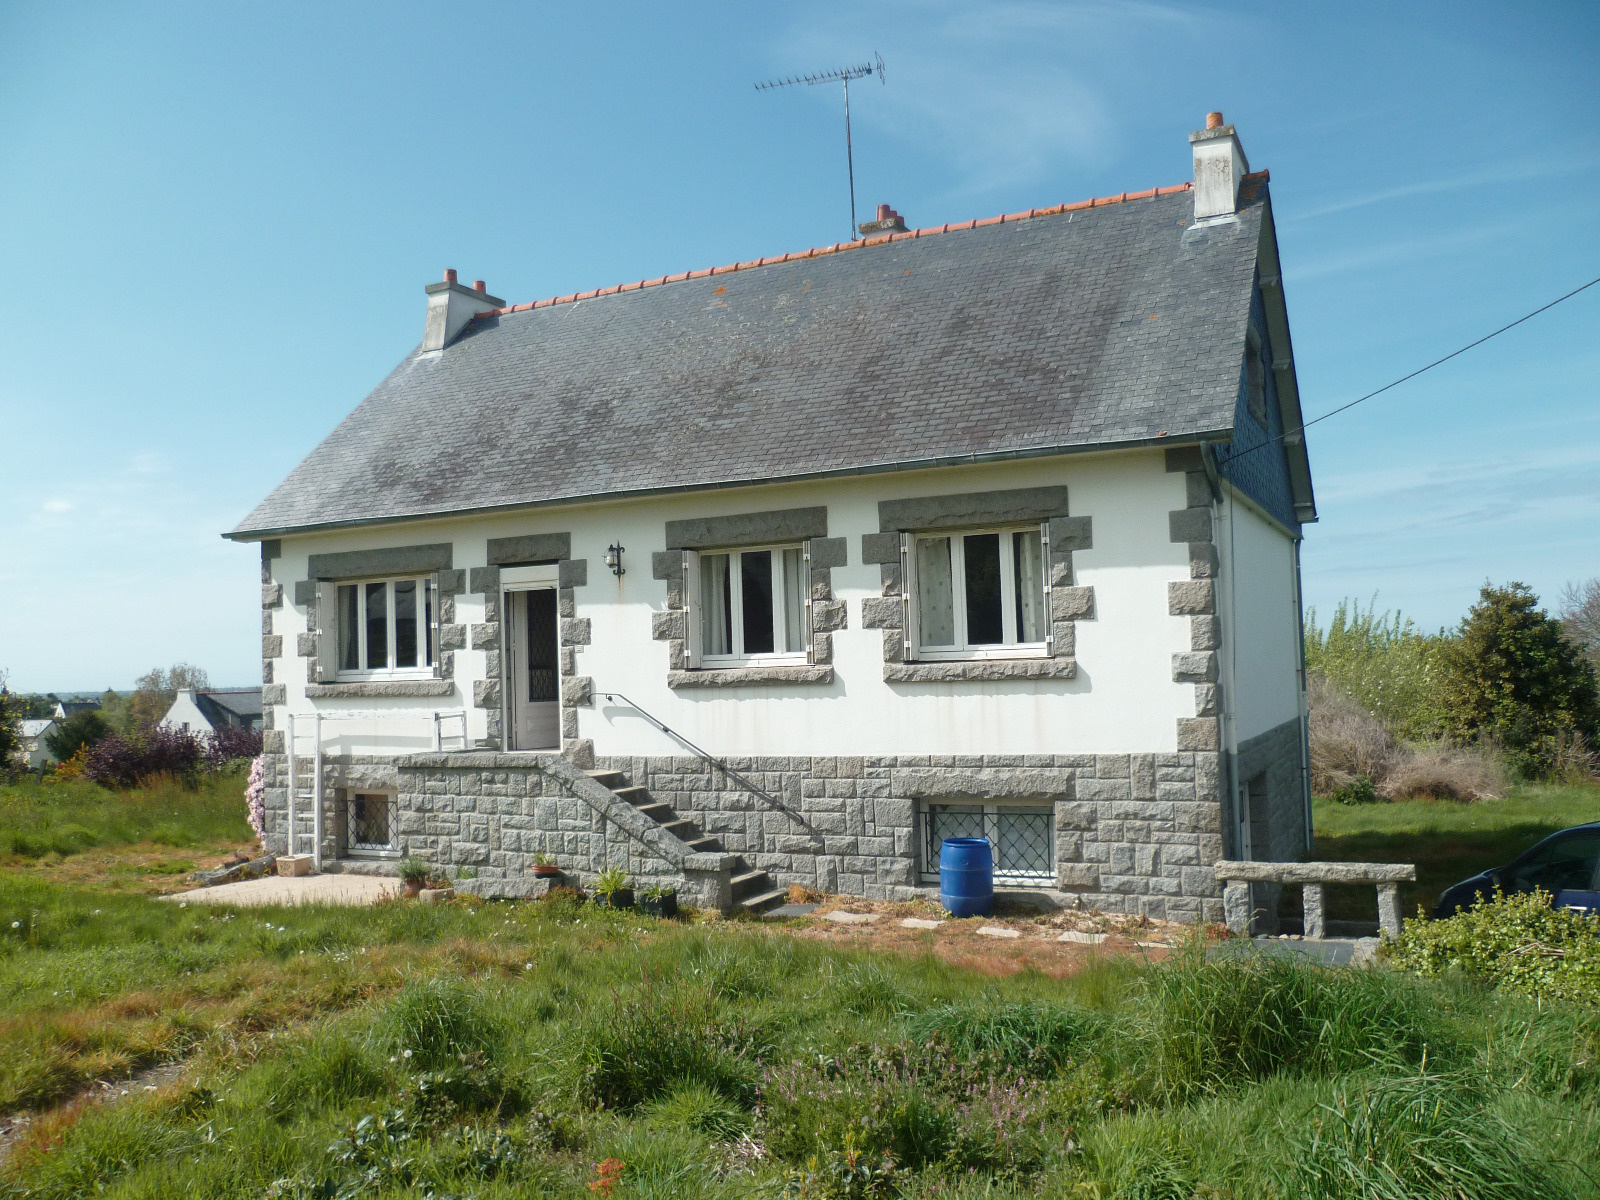 Vente a acheter maison avec vue mer for Acheter maison jamaique